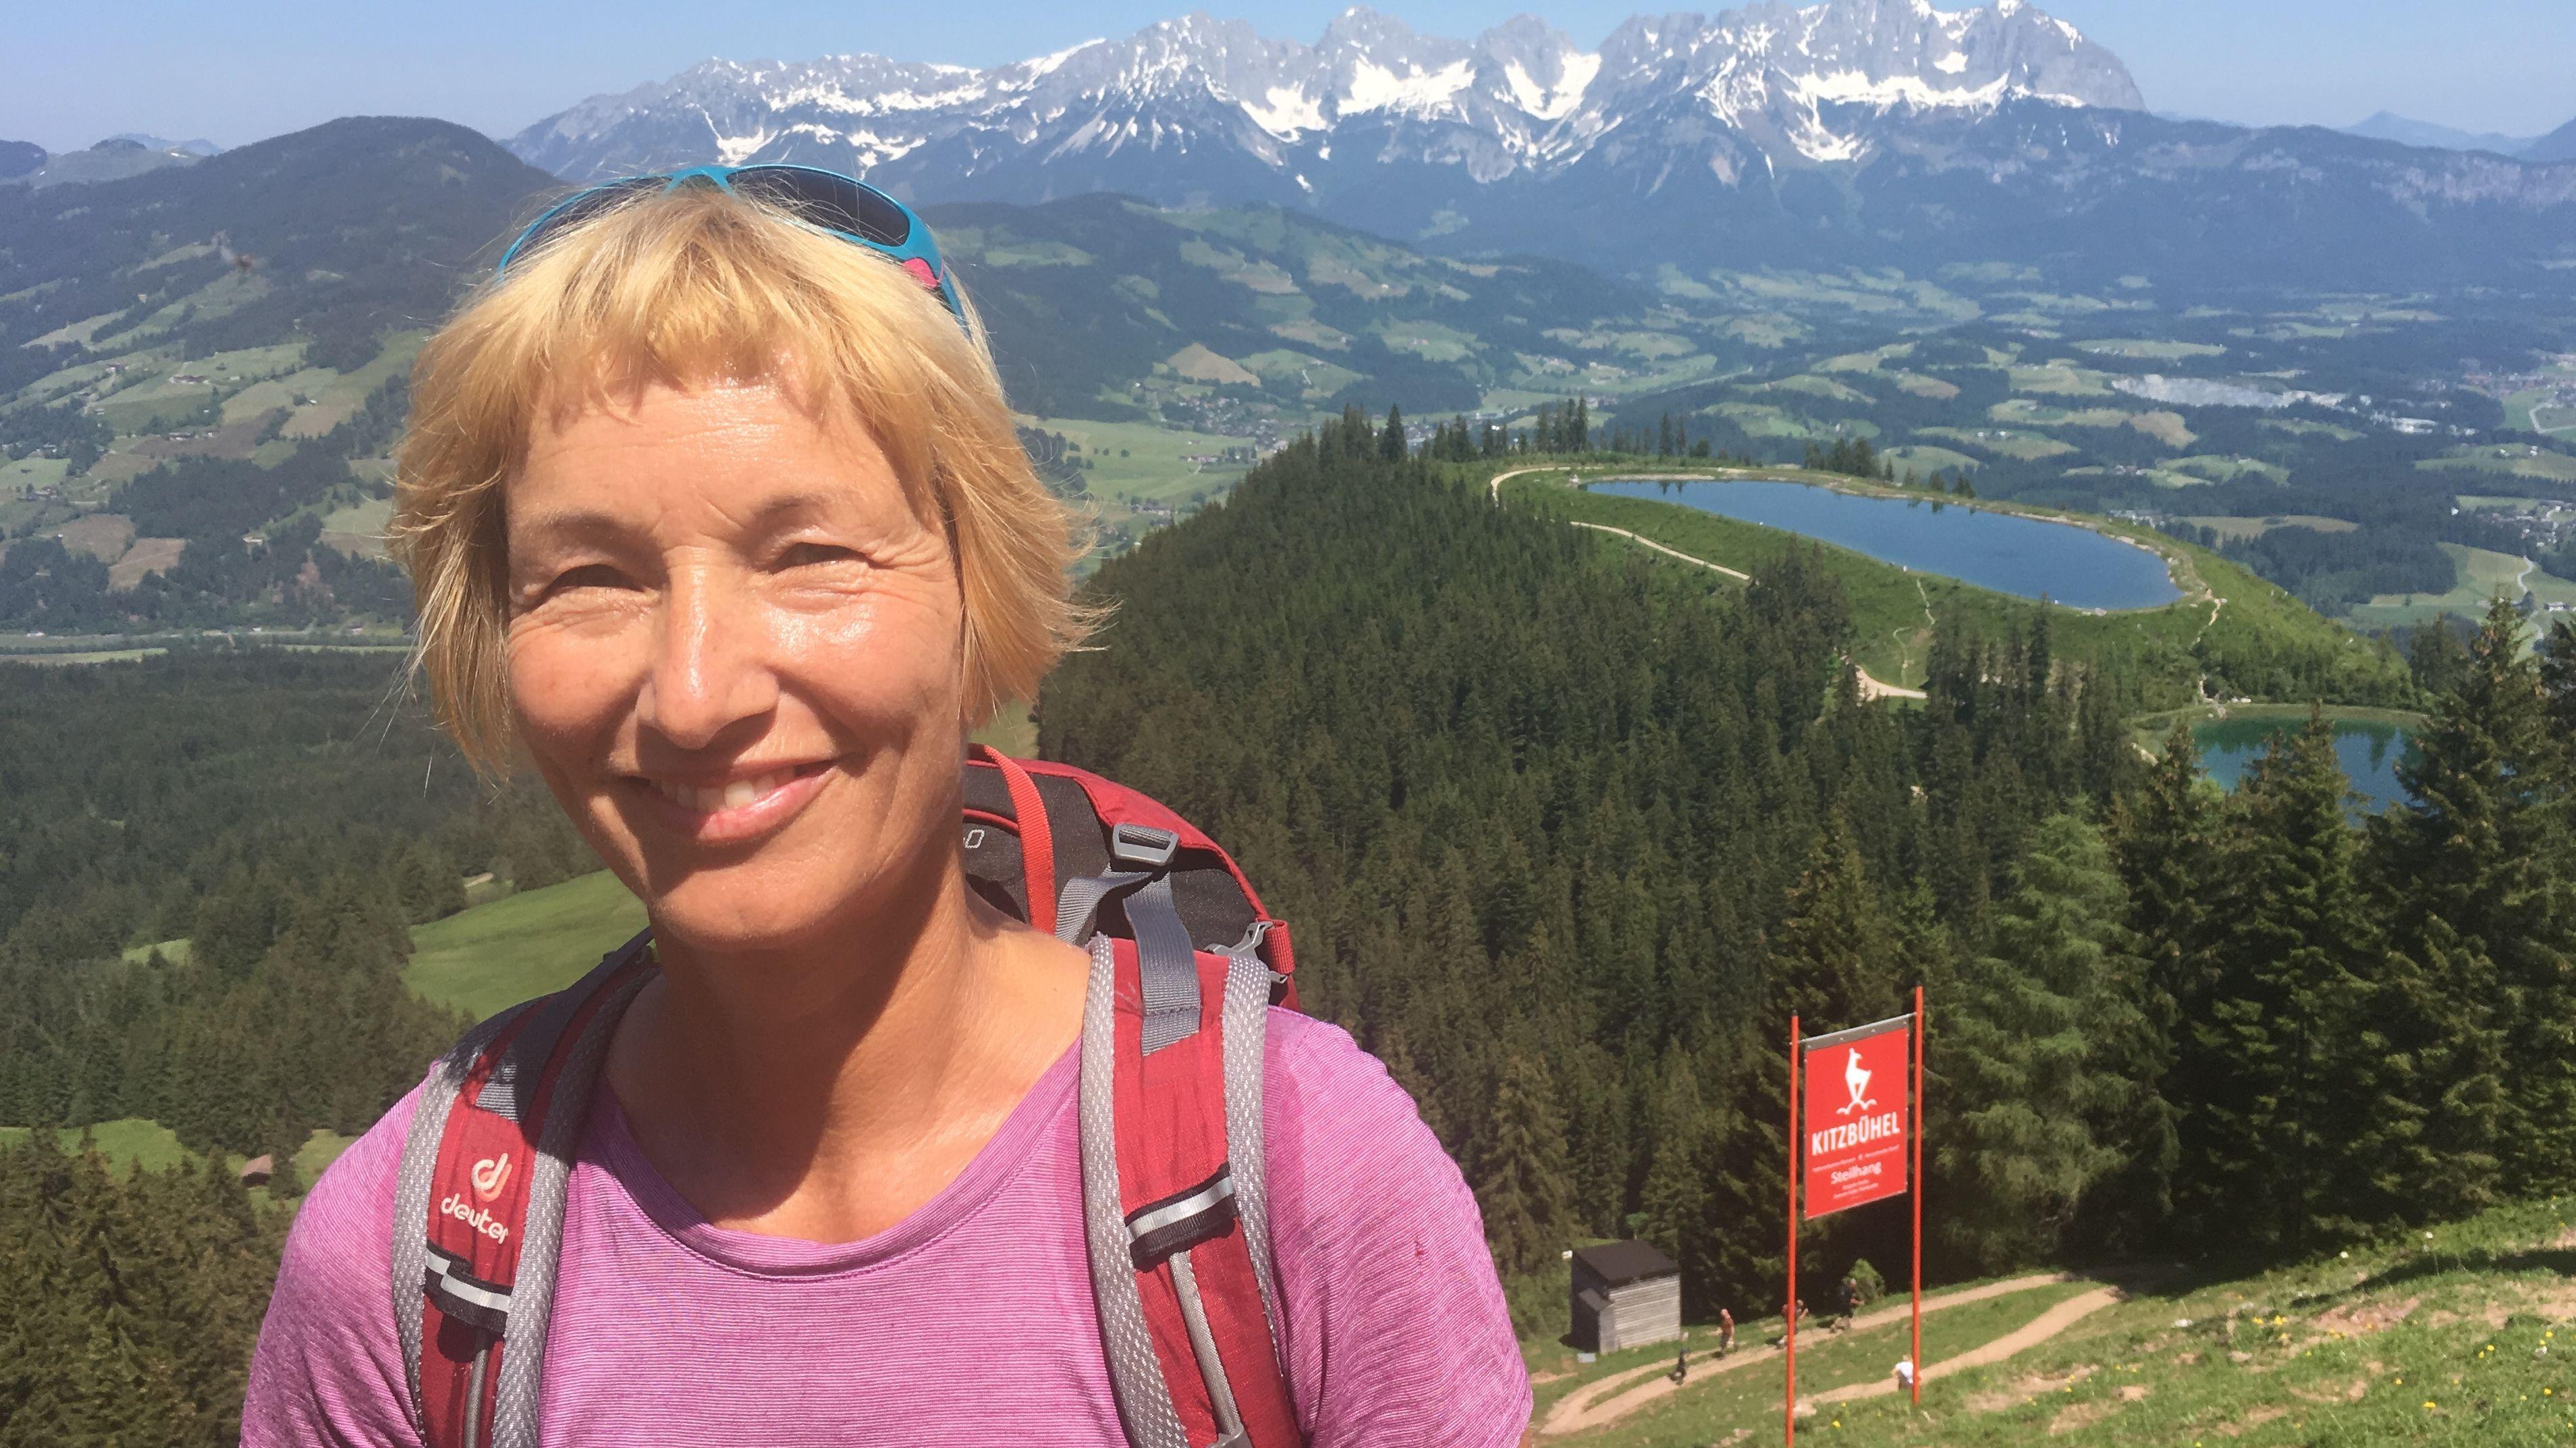 Zu Fuß die Steilheit der Strecke erwandern: Fitnessmagazin-Reporterin Frauke Gerbig